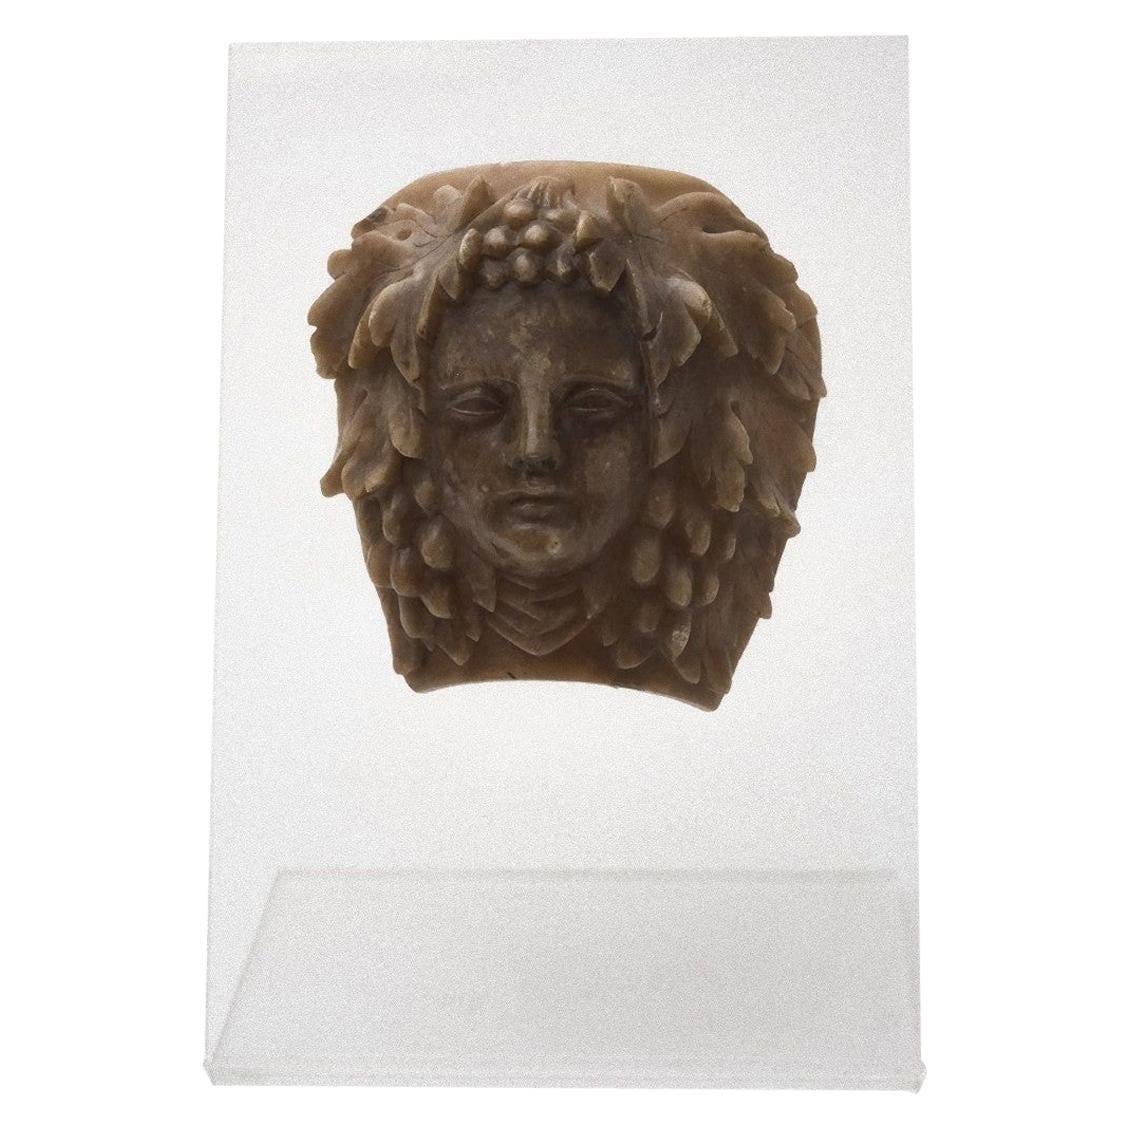 Bacchus Head, Decorative Wax, Italy, Early 20th Century